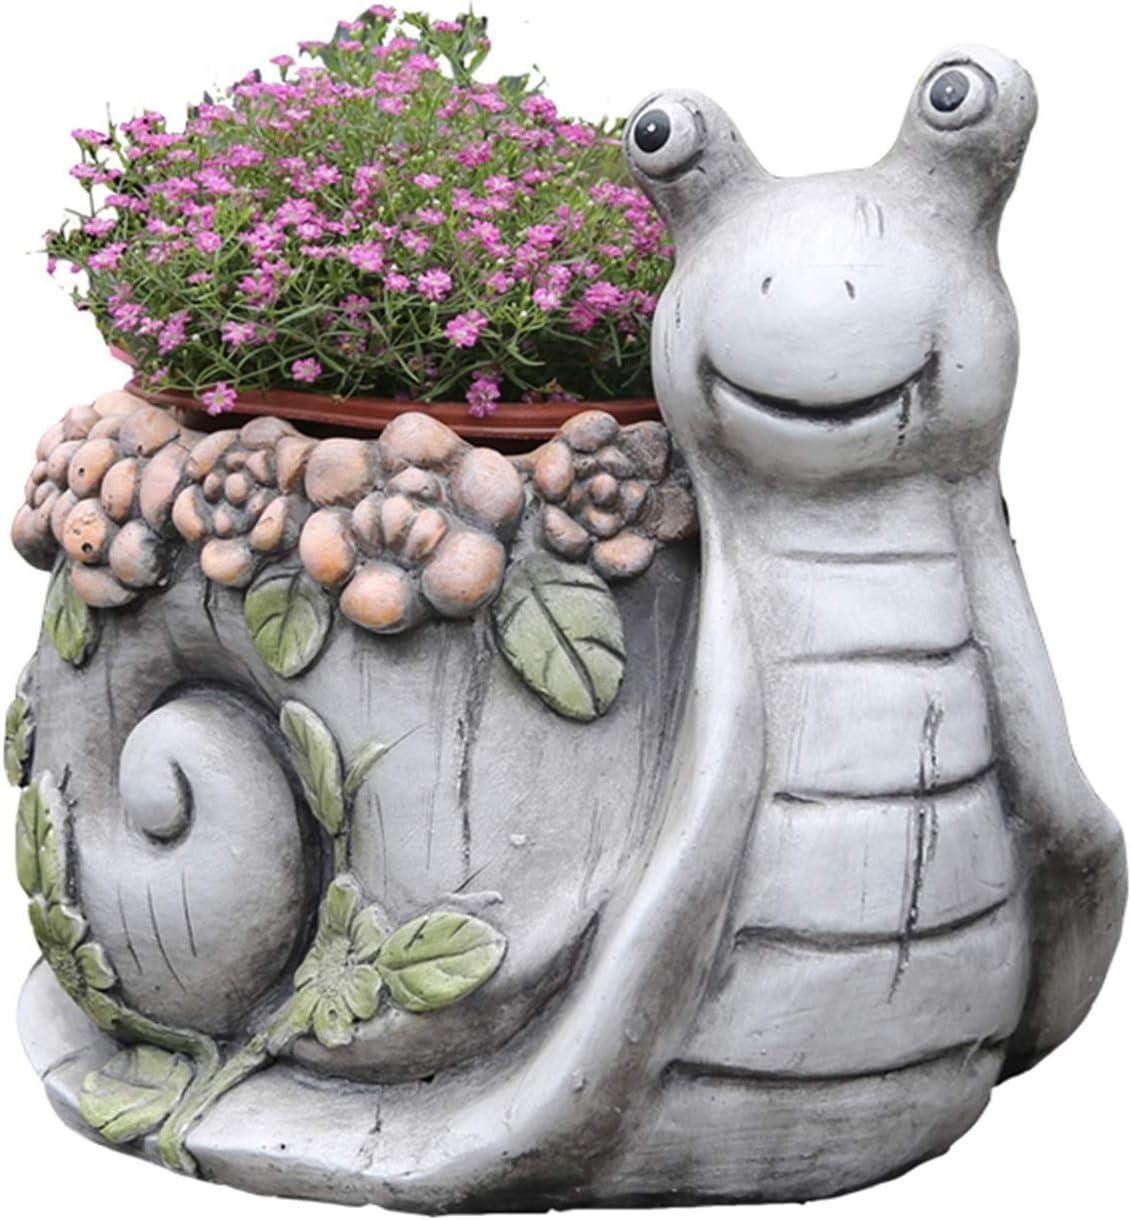 Jardineras para macetas Jardín al Aire Libre Home Garden Art Flower Planter Jardín Estatua Siller Plantador lindo Caracoles Flor Pot Suculent Planta Pot para Patio Al Aire Libre Decoración del plantad